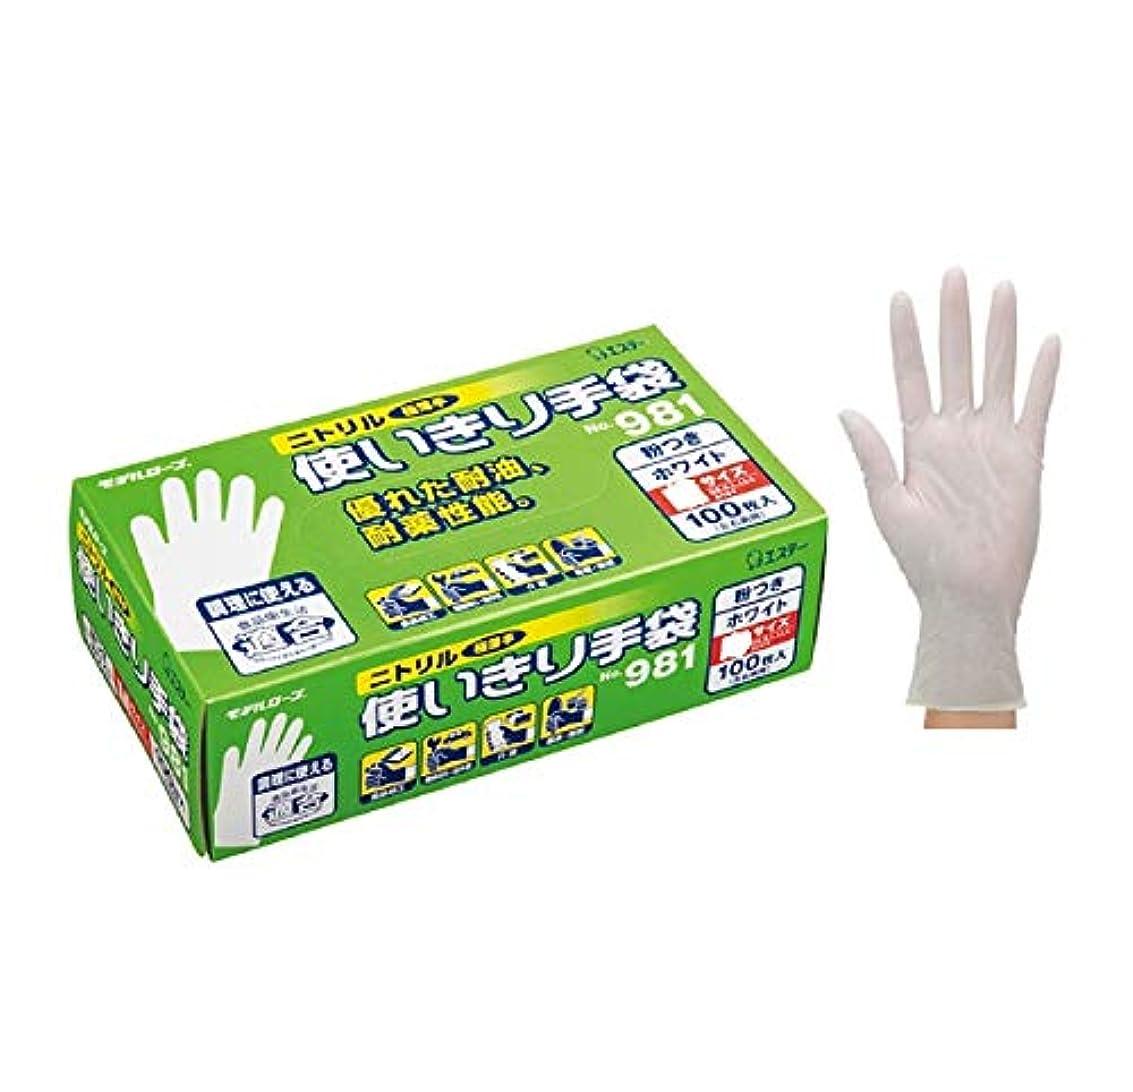 インフラ駐地追放エステー ニトリル手袋/作業用手袋 [粉付 No981/M 12箱]